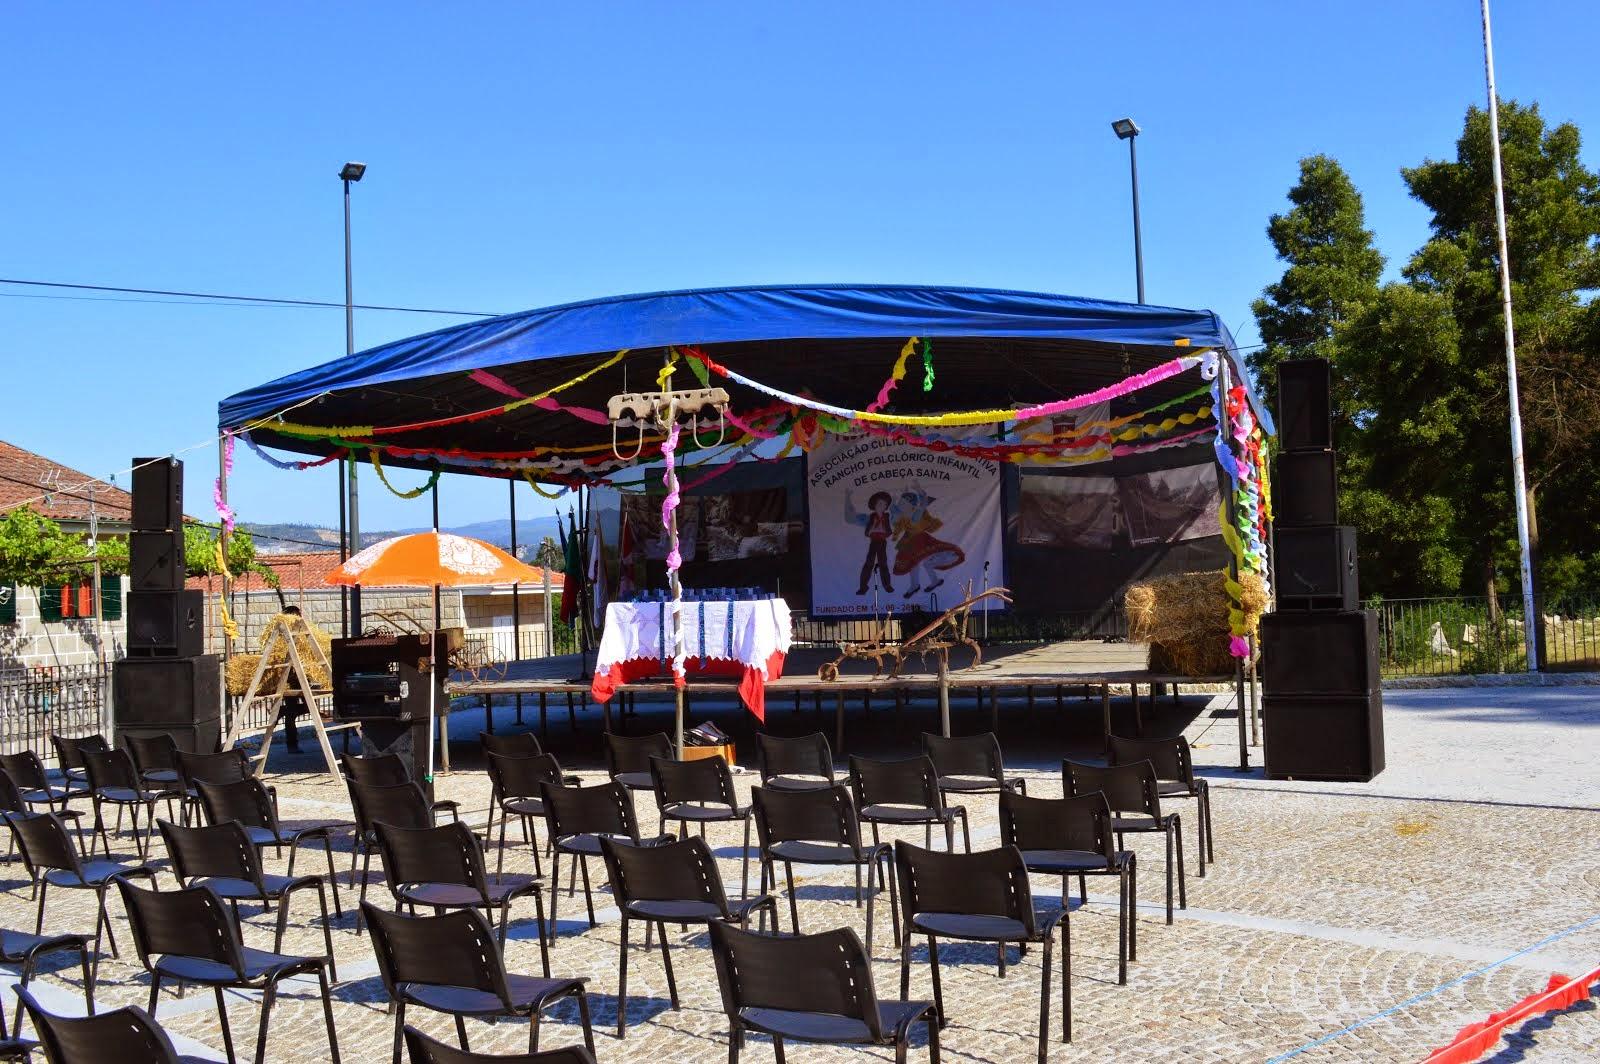 Festival de Folclore em Cabeça Santa - Penafiel